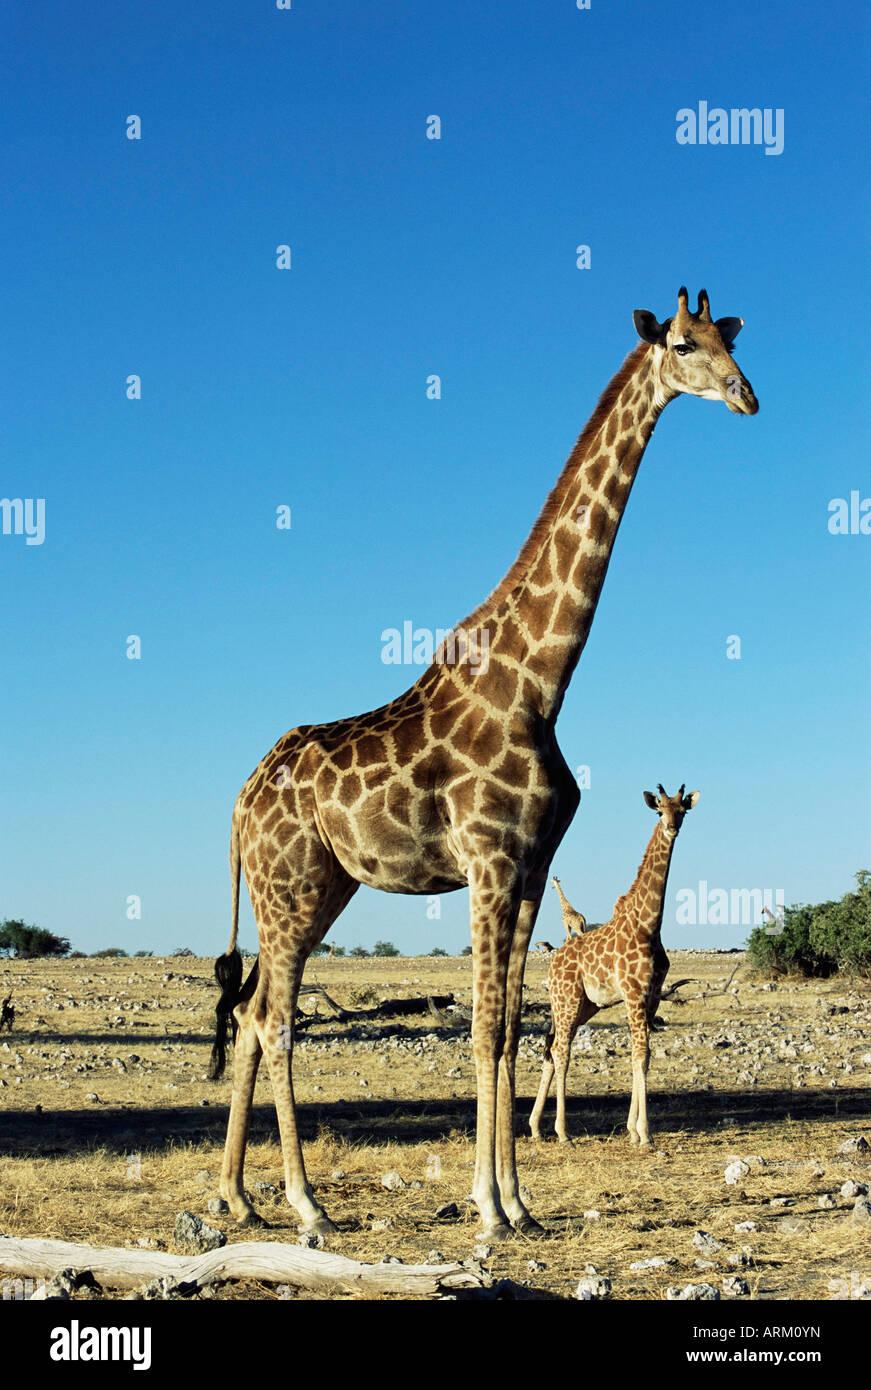 Jirafas, Giraffa camelopardalis, Parque Nacional de Etosha, Namibia, África Imagen De Stock